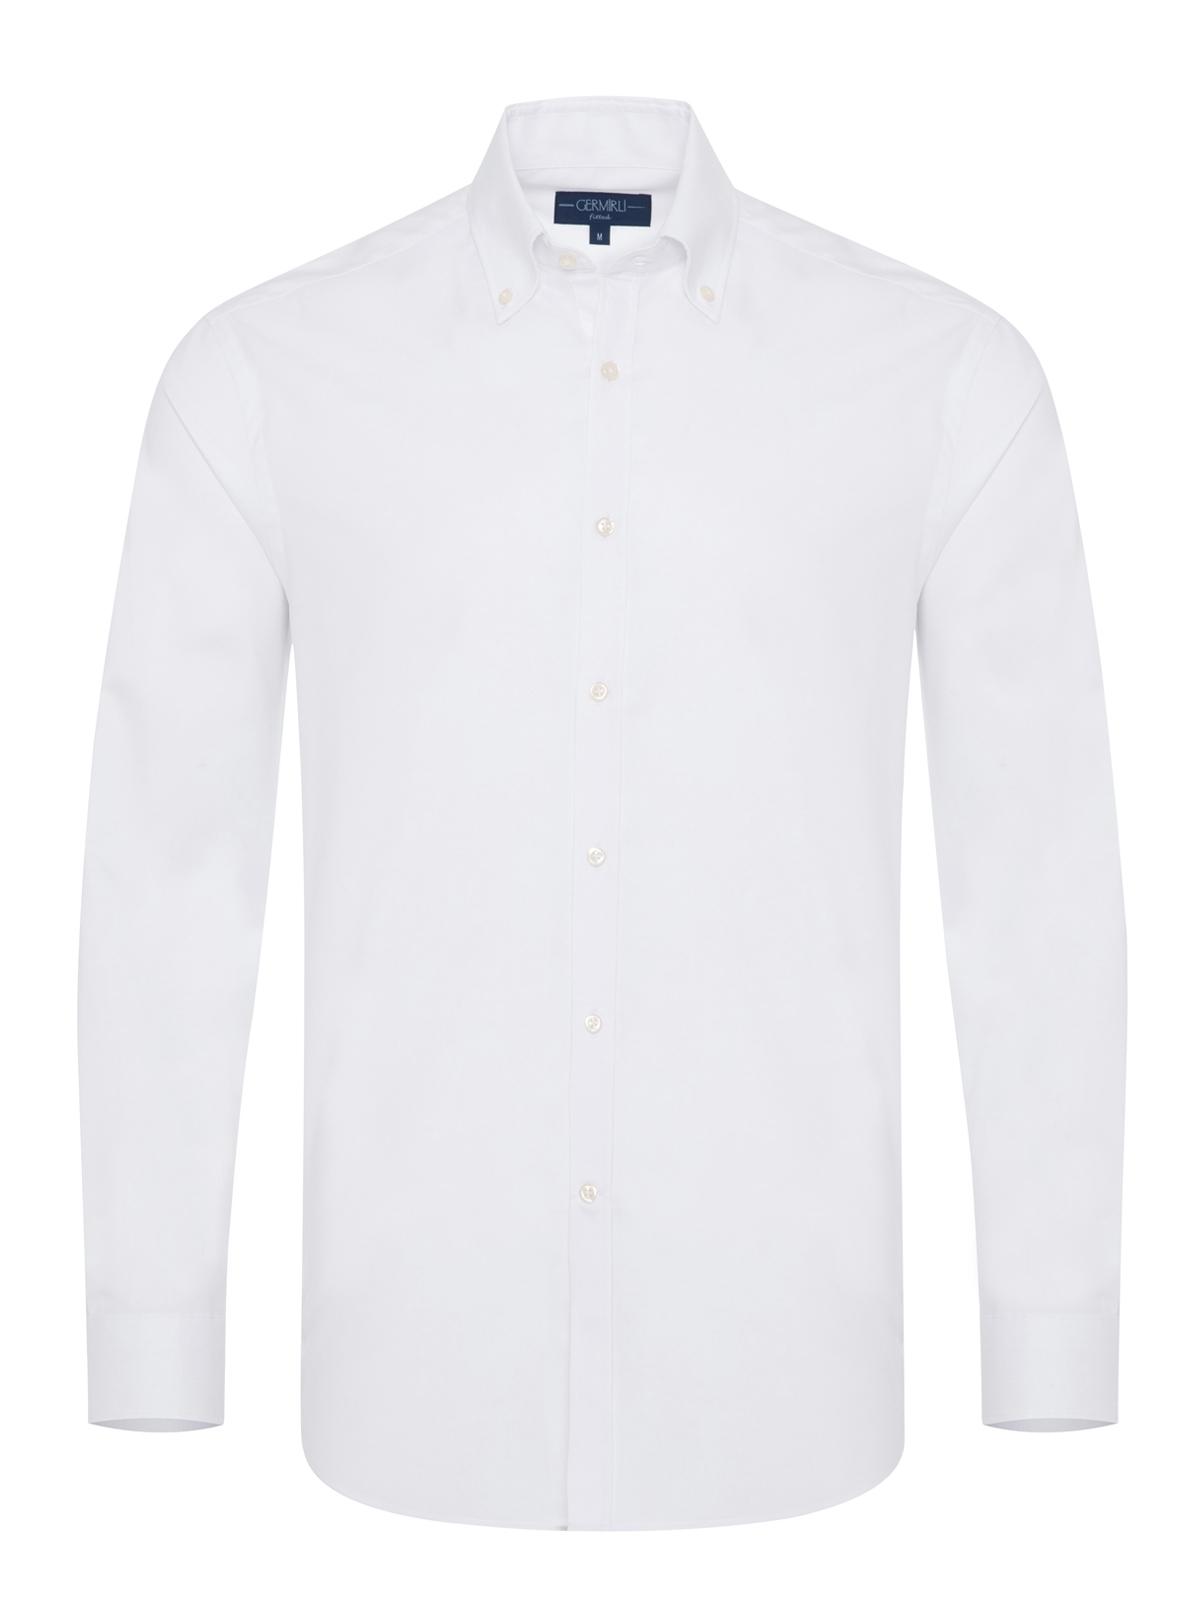 Germirli - Germirli Organik Beyaz Poplin Düğmeli Yaka Tailor Fit Eco Logic Gömlek